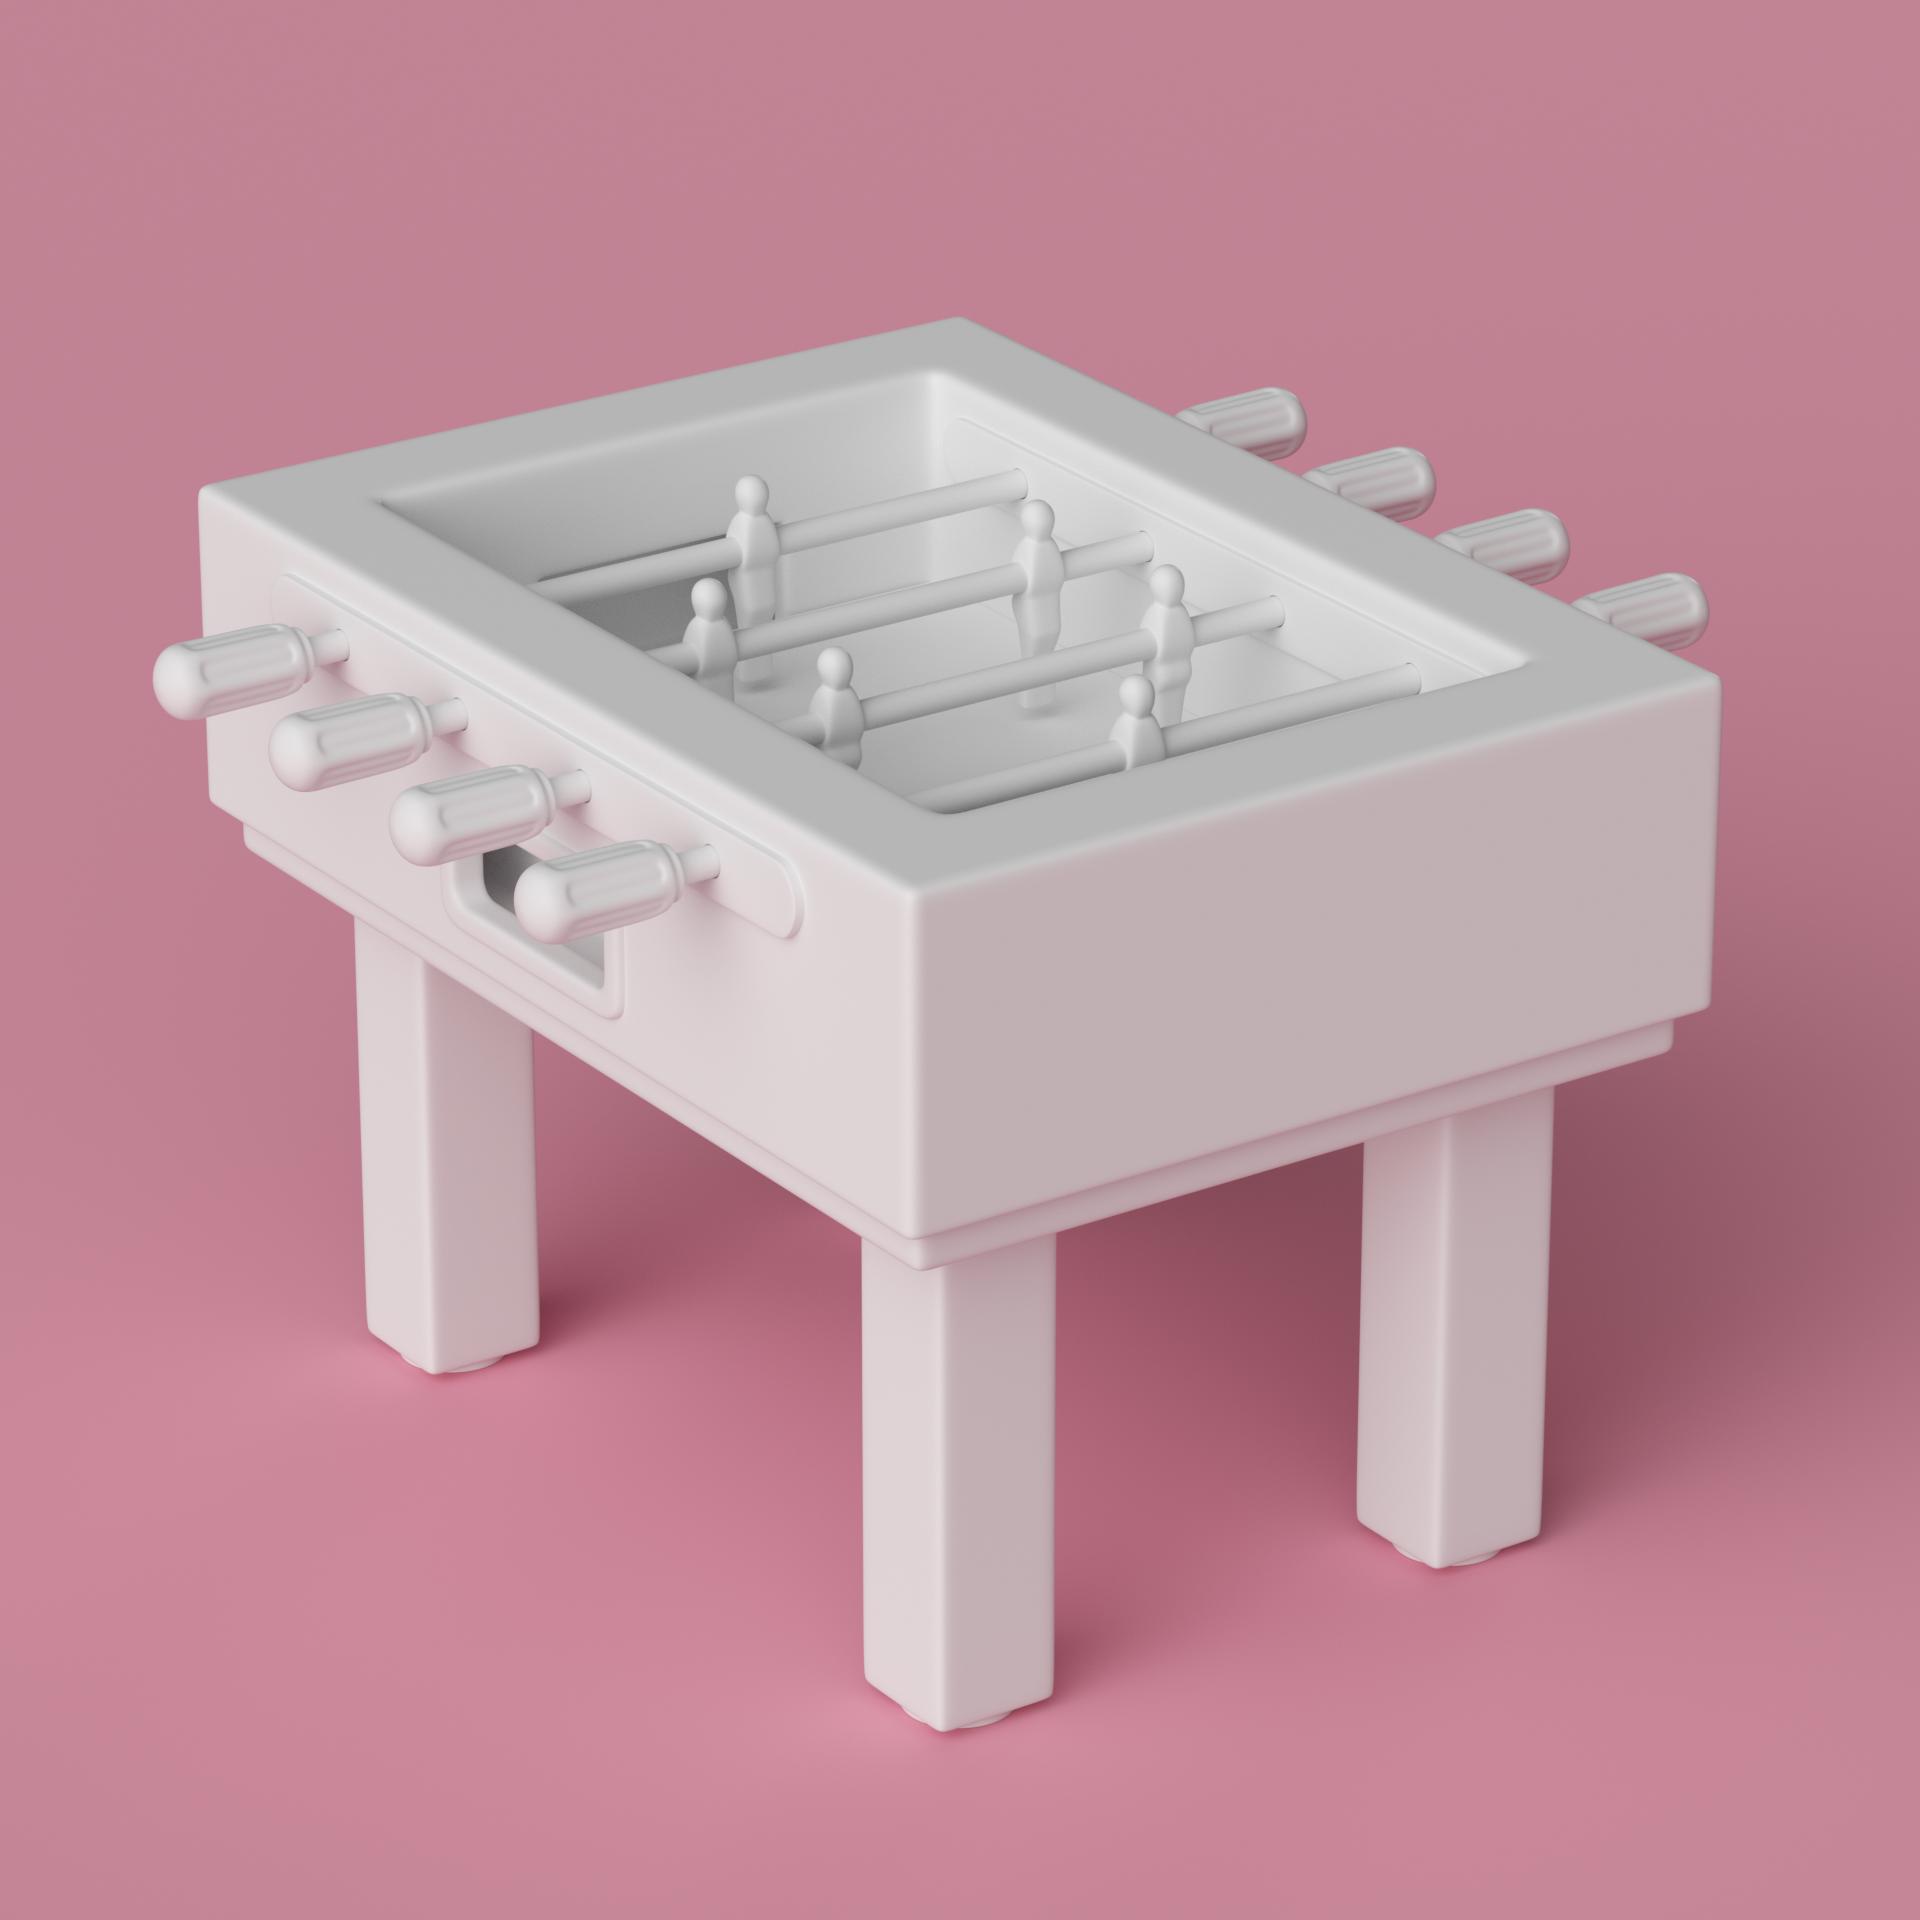 foosball_table.png